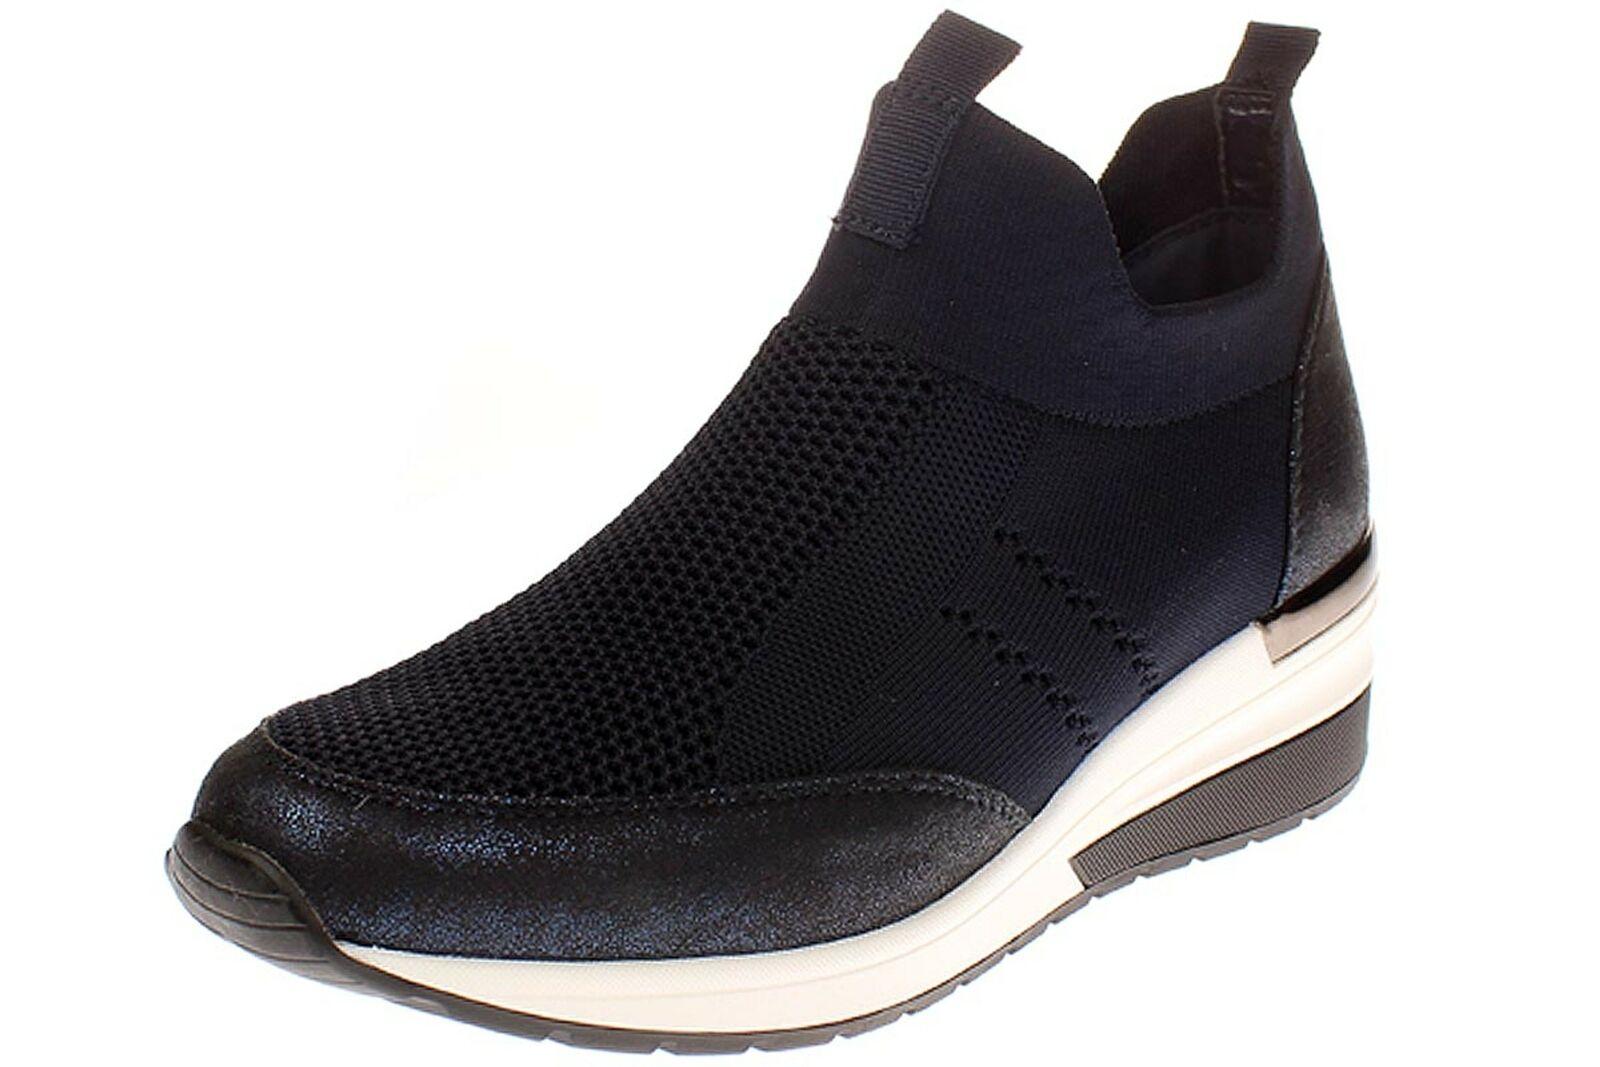 La Strada 1901764 - Damen Schuhe Freizeitschuhe - 4560-knitted-Blau